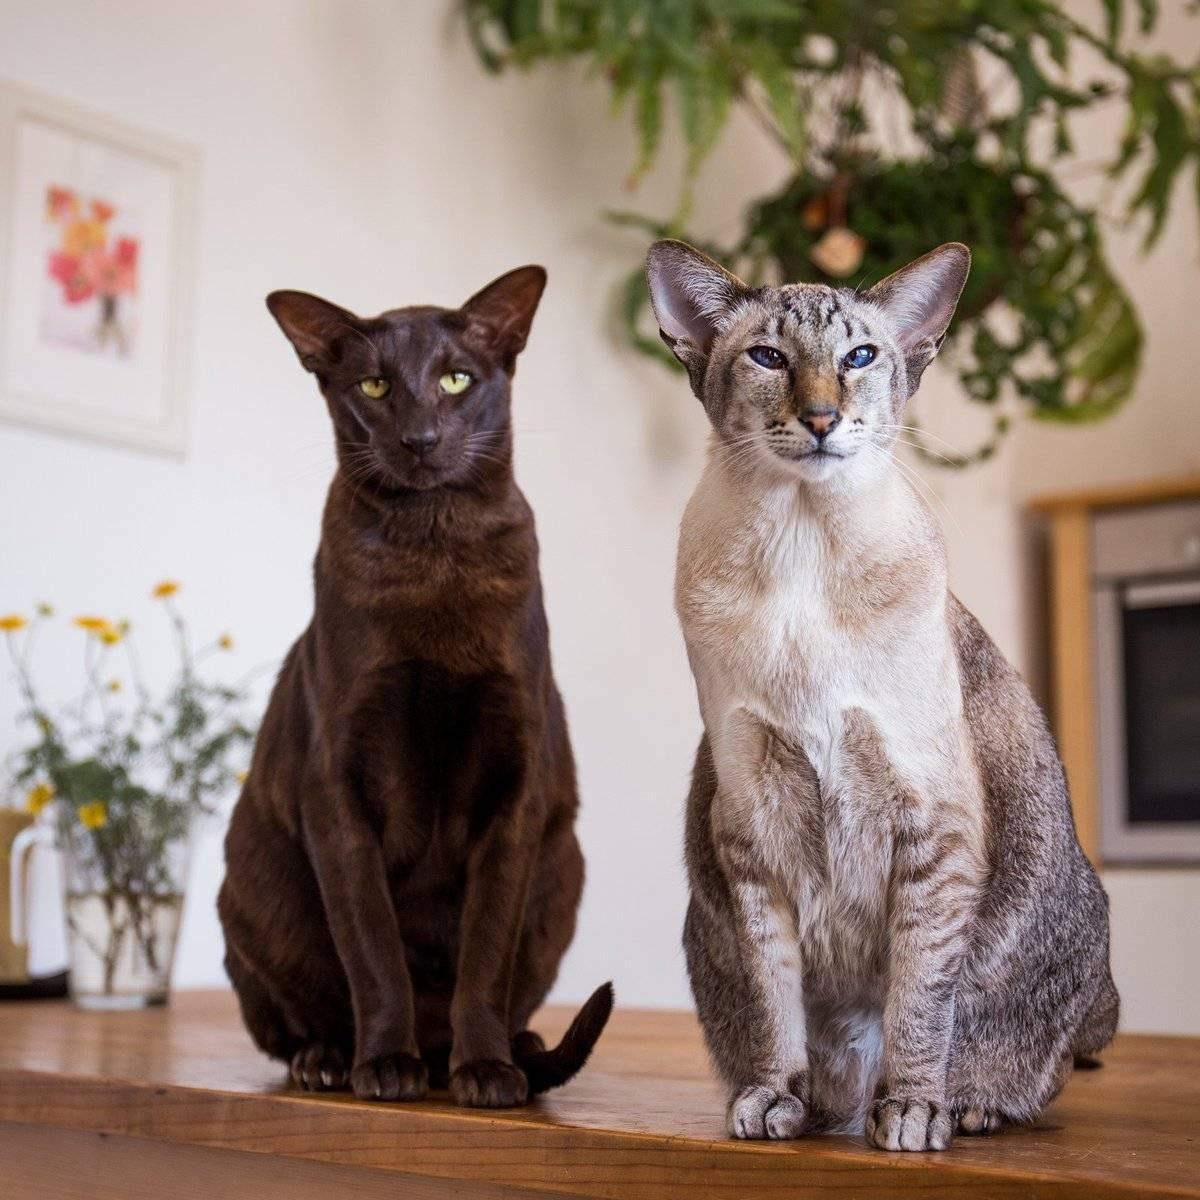 Кошки породы сноу-шу: описание, вариации окраса и особенности содержания